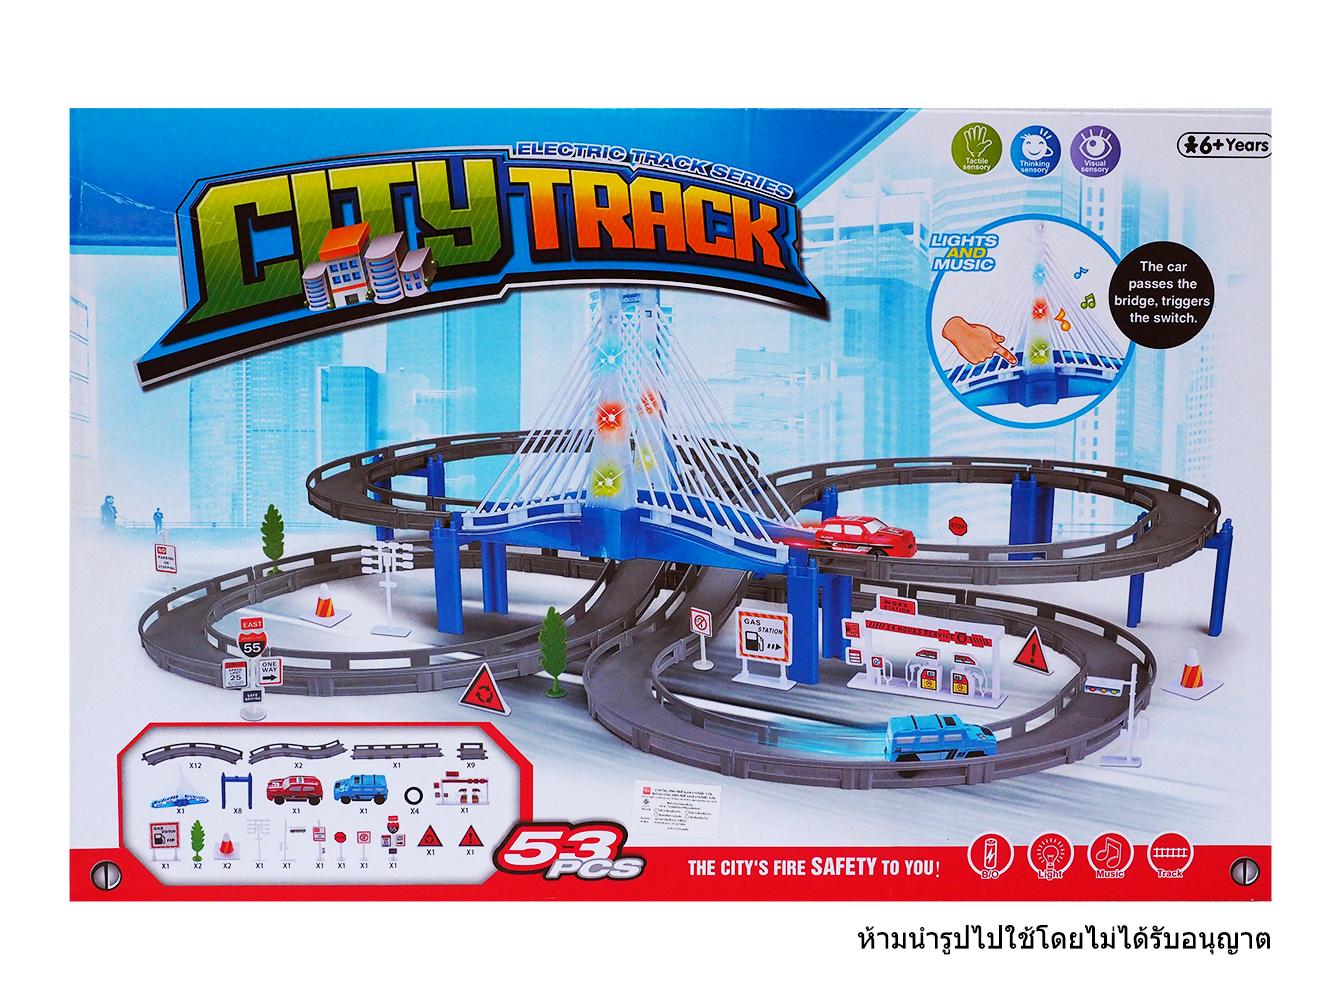 City track 53 ชิ้น รถวิ่งราง มีไฟ มีเสียง